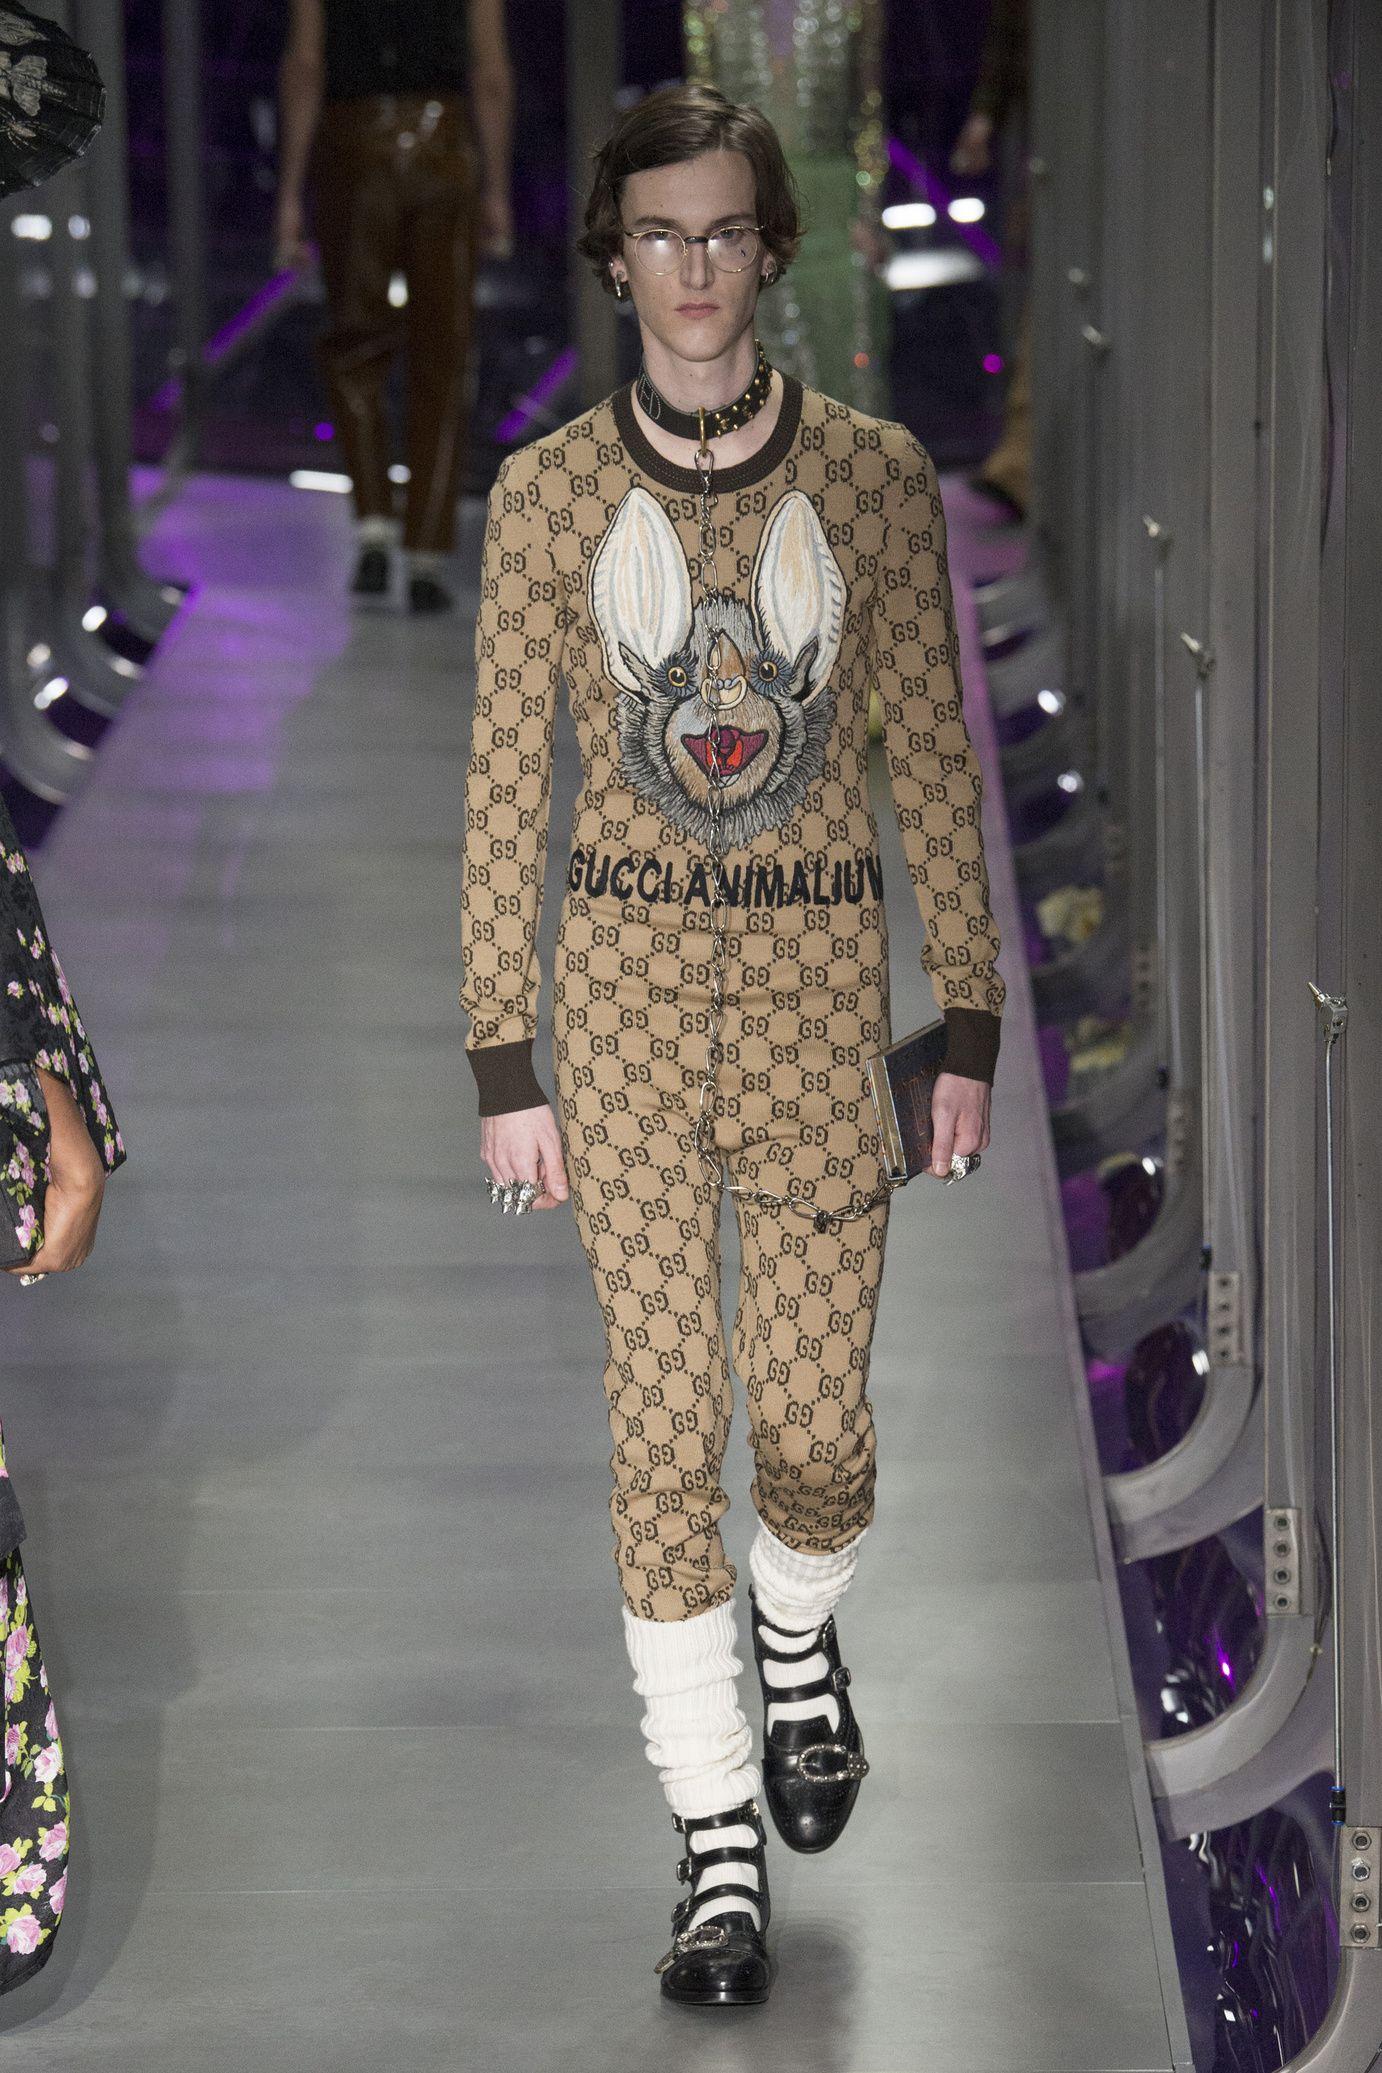 353e249b72275  DéfiléGucci  fashion  Koshchenets Défilé Gucci prêt-à-porter femme automne-hiver  2017-2018 109